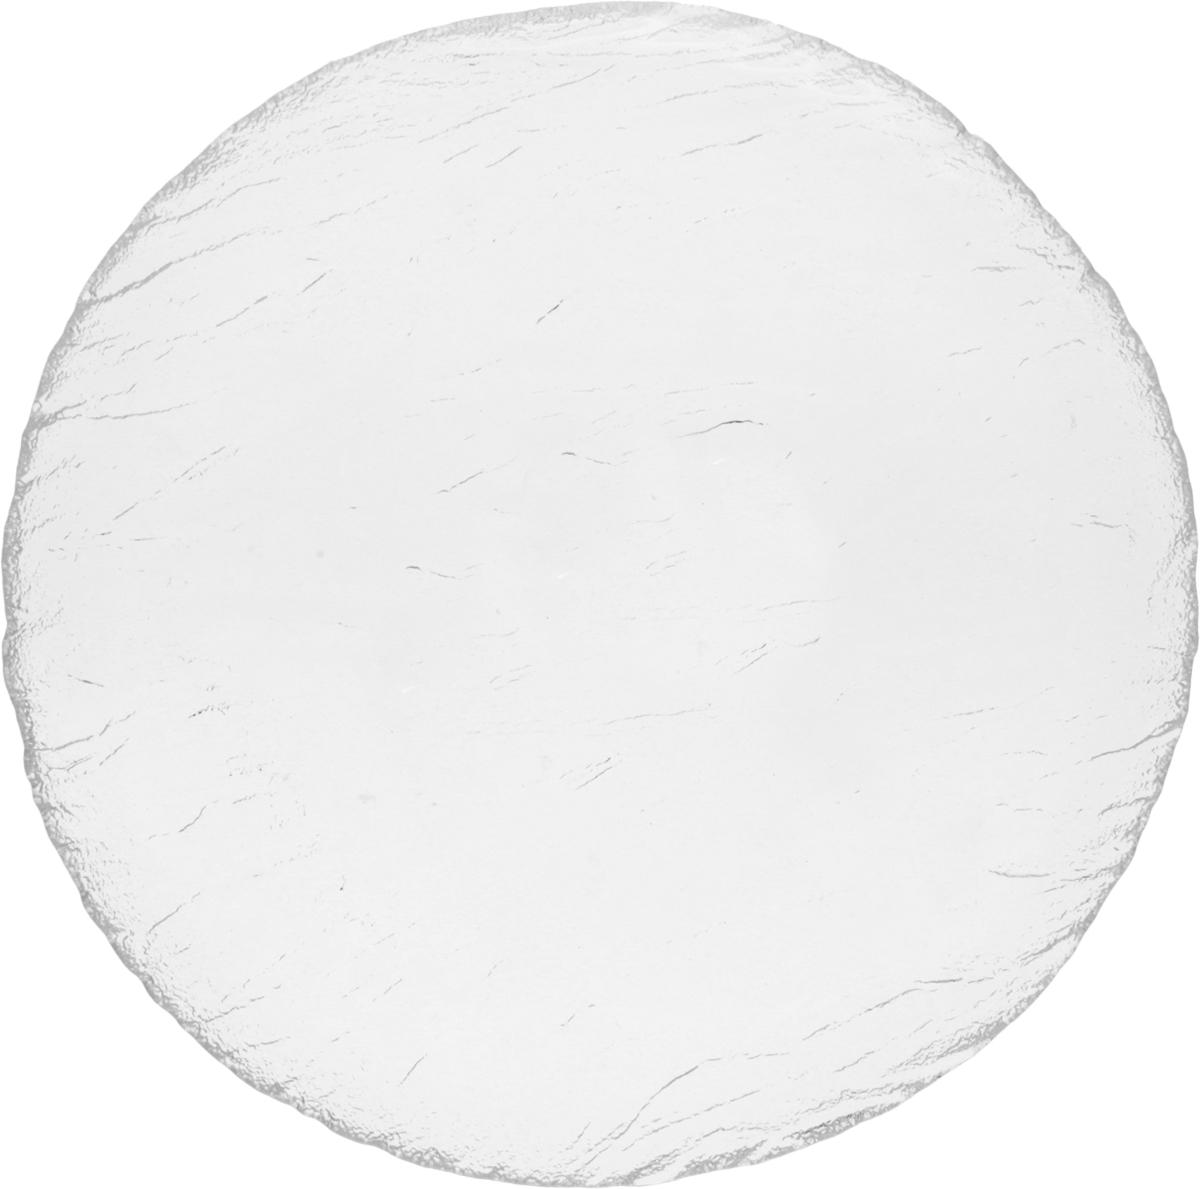 Тарелка десертная OSZ Вулкан, цвет: прозрачный, диаметр 19 см16C1902Тарелка OSZ Вулкан выполнена из высококачественного стекла и имеет рельефную поверхность. Она прекрасно впишется в интерьер вашей кухни и станет достойным дополнением к кухонному инвентарю. Тарелка OSZ Симпатия подчеркнет прекрасный вкус хозяйки и станет отличным подарком. Диаметр тарелки: 19 см. Высота: 1,5 см.